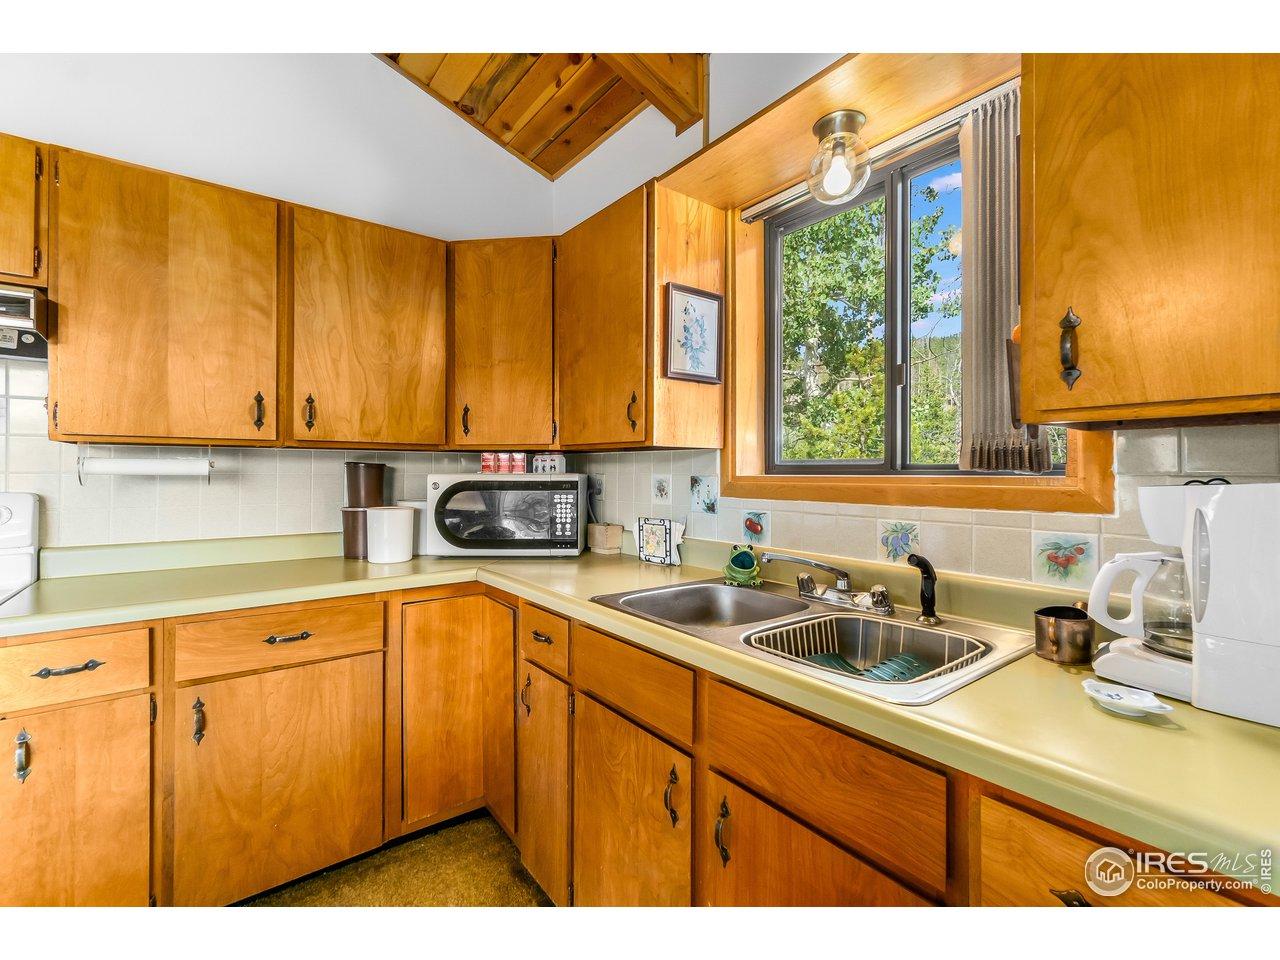 Efficient kitchen with good storage